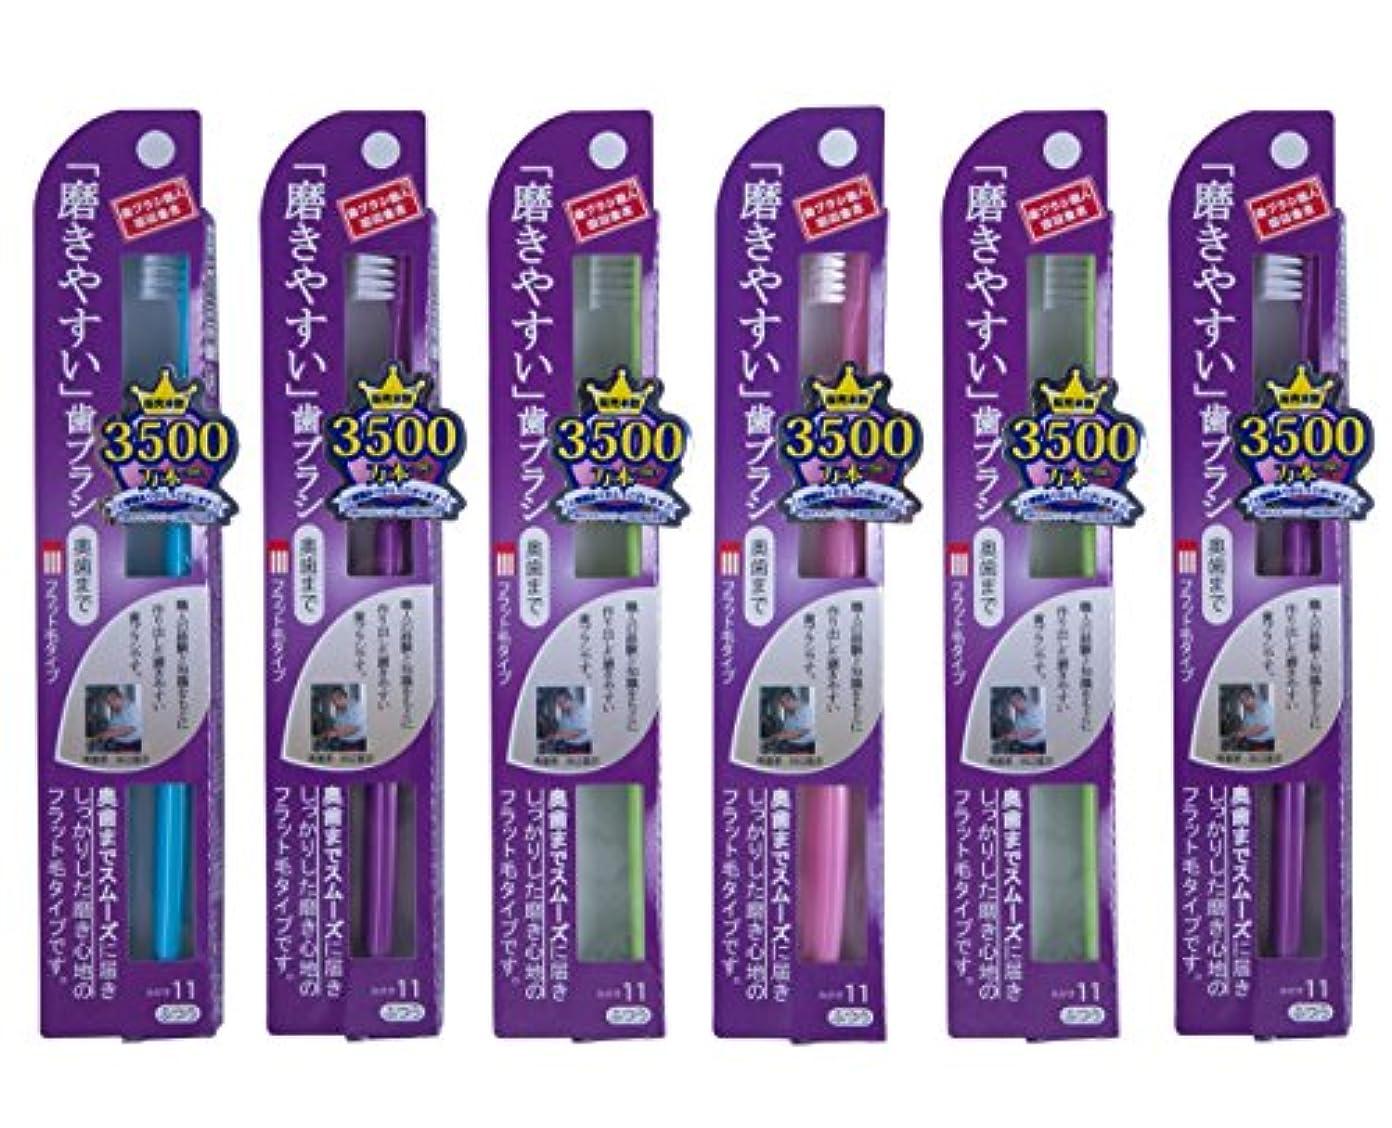 安いです脊椎なす歯ブラシ職人田辺重吉 磨きやすい歯ブラシ LT-11 (6本パック)